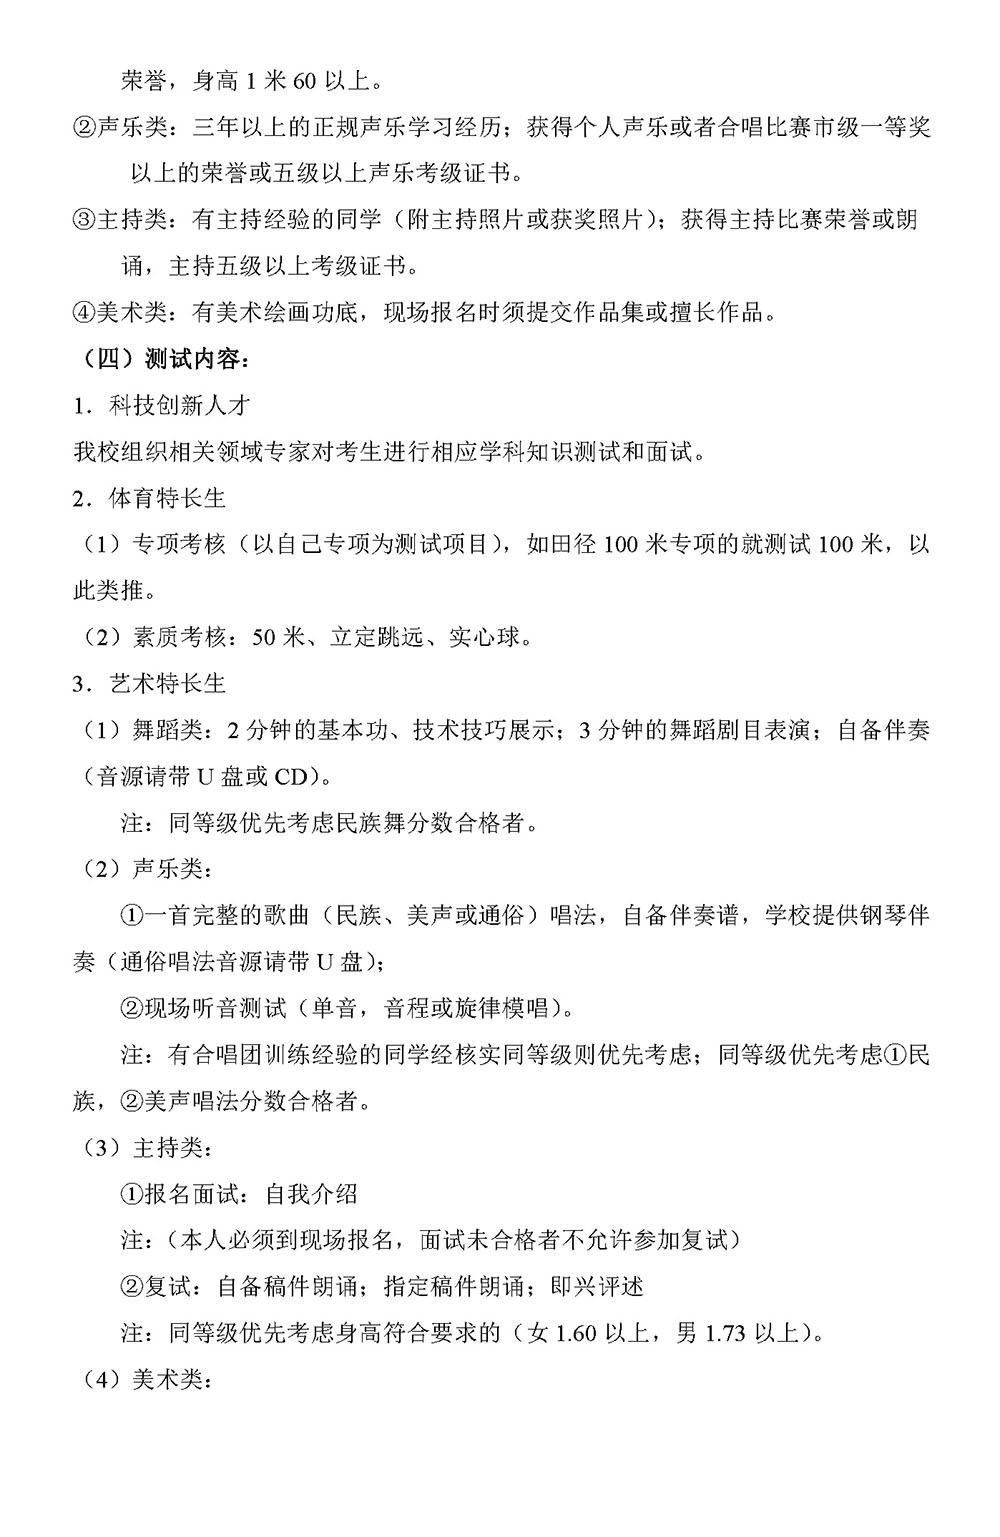 2019年南宁三中特长生招生简章(4)_页面_2.jpg